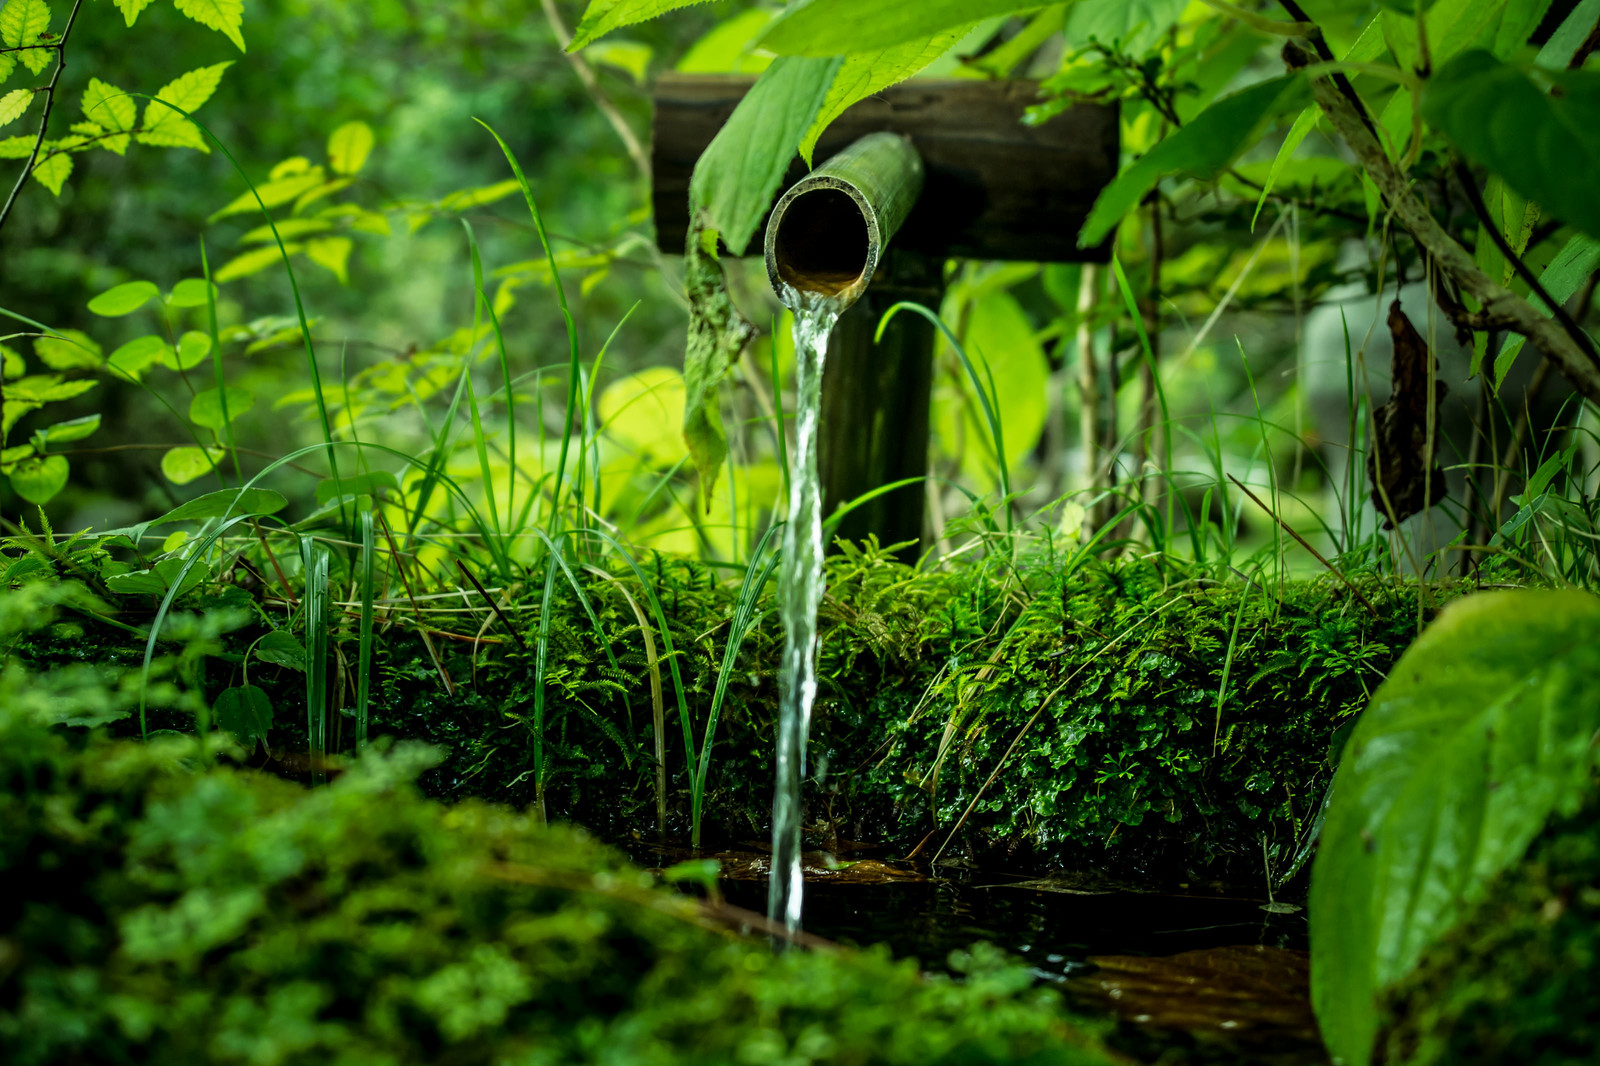 「竹筒から流れる水」の写真